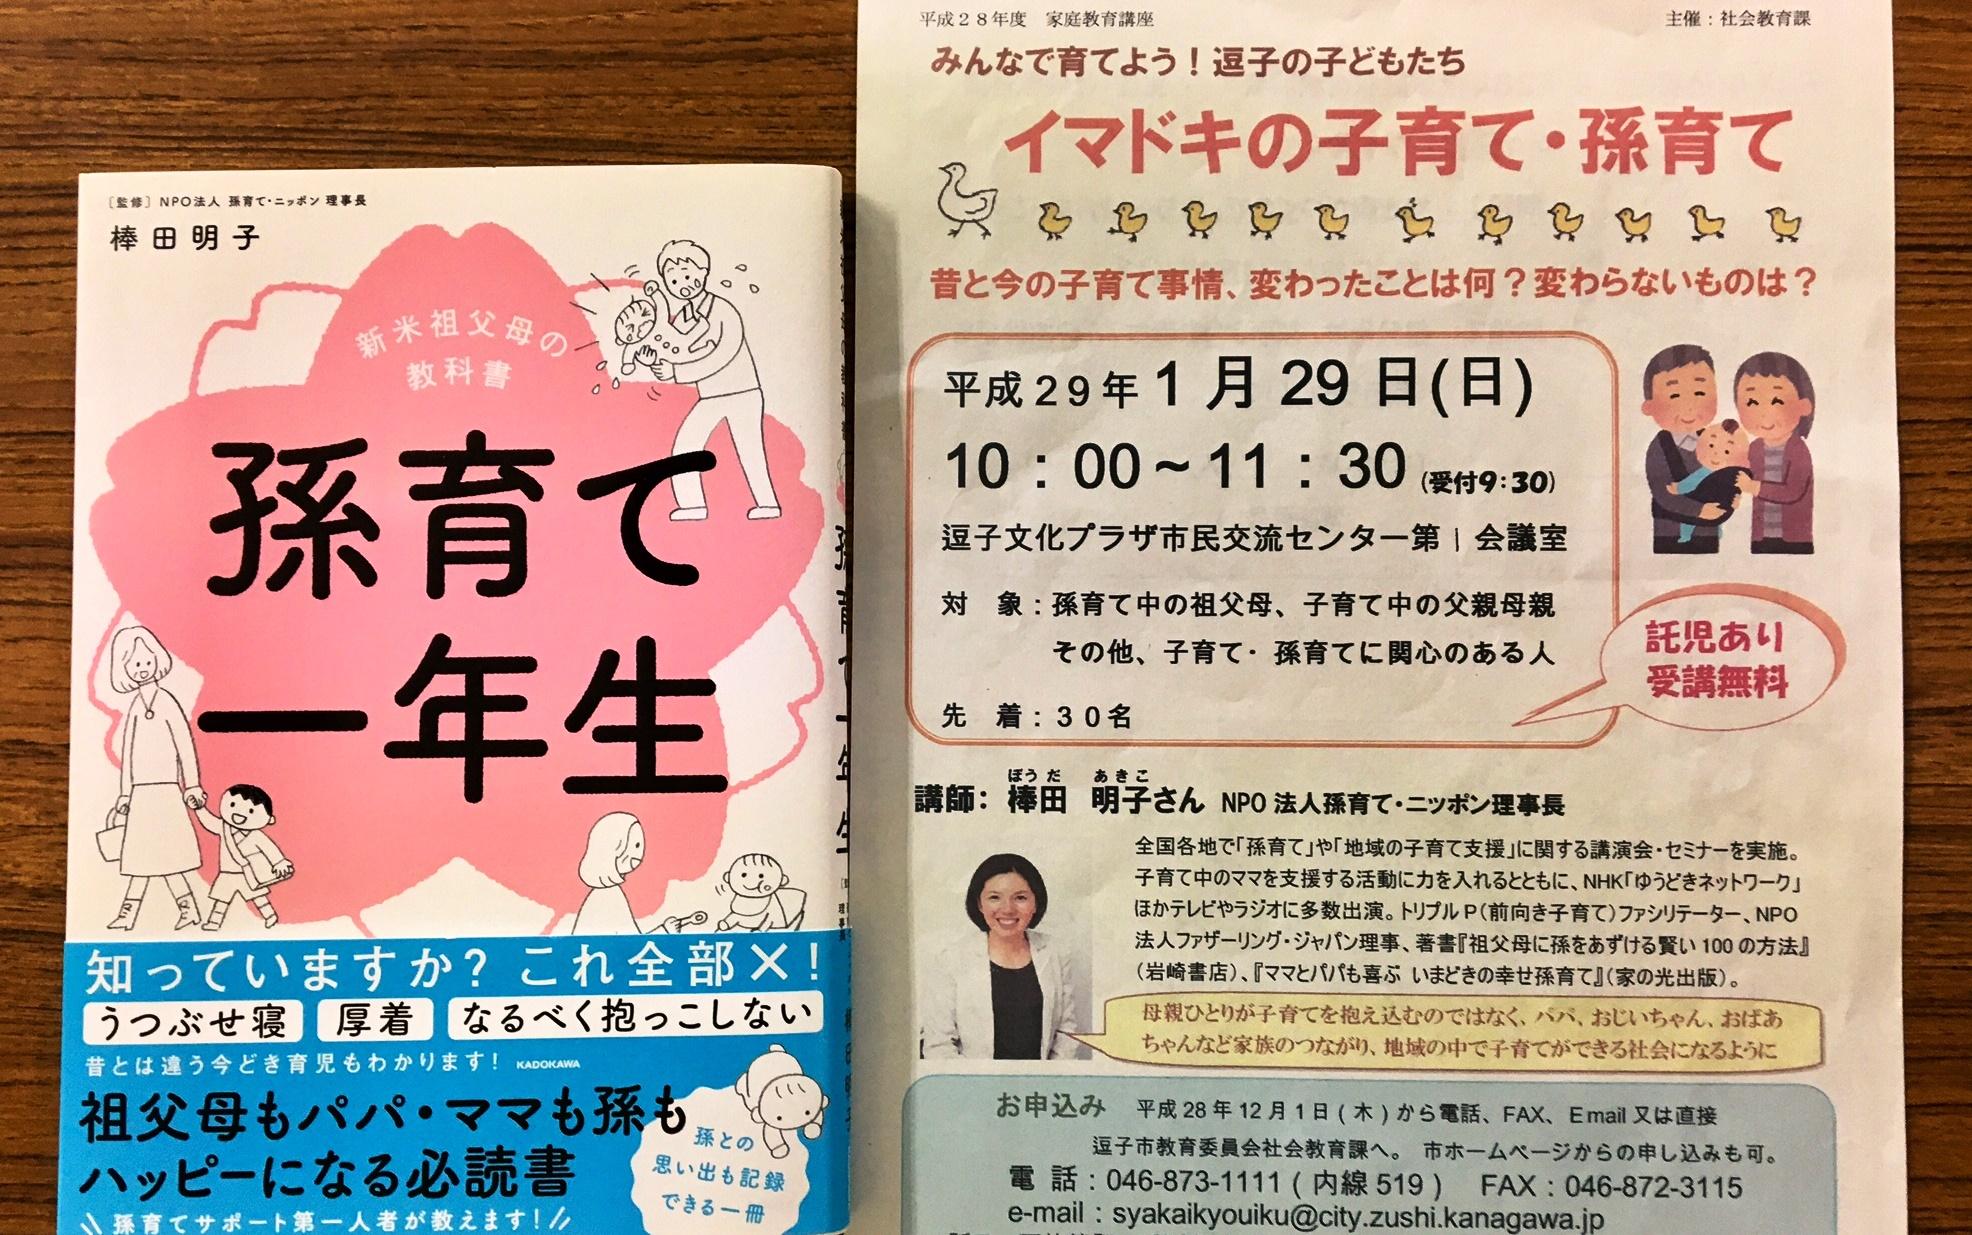 1月29日 棒田明子さんの子育て・孫育て講座が逗子であります!